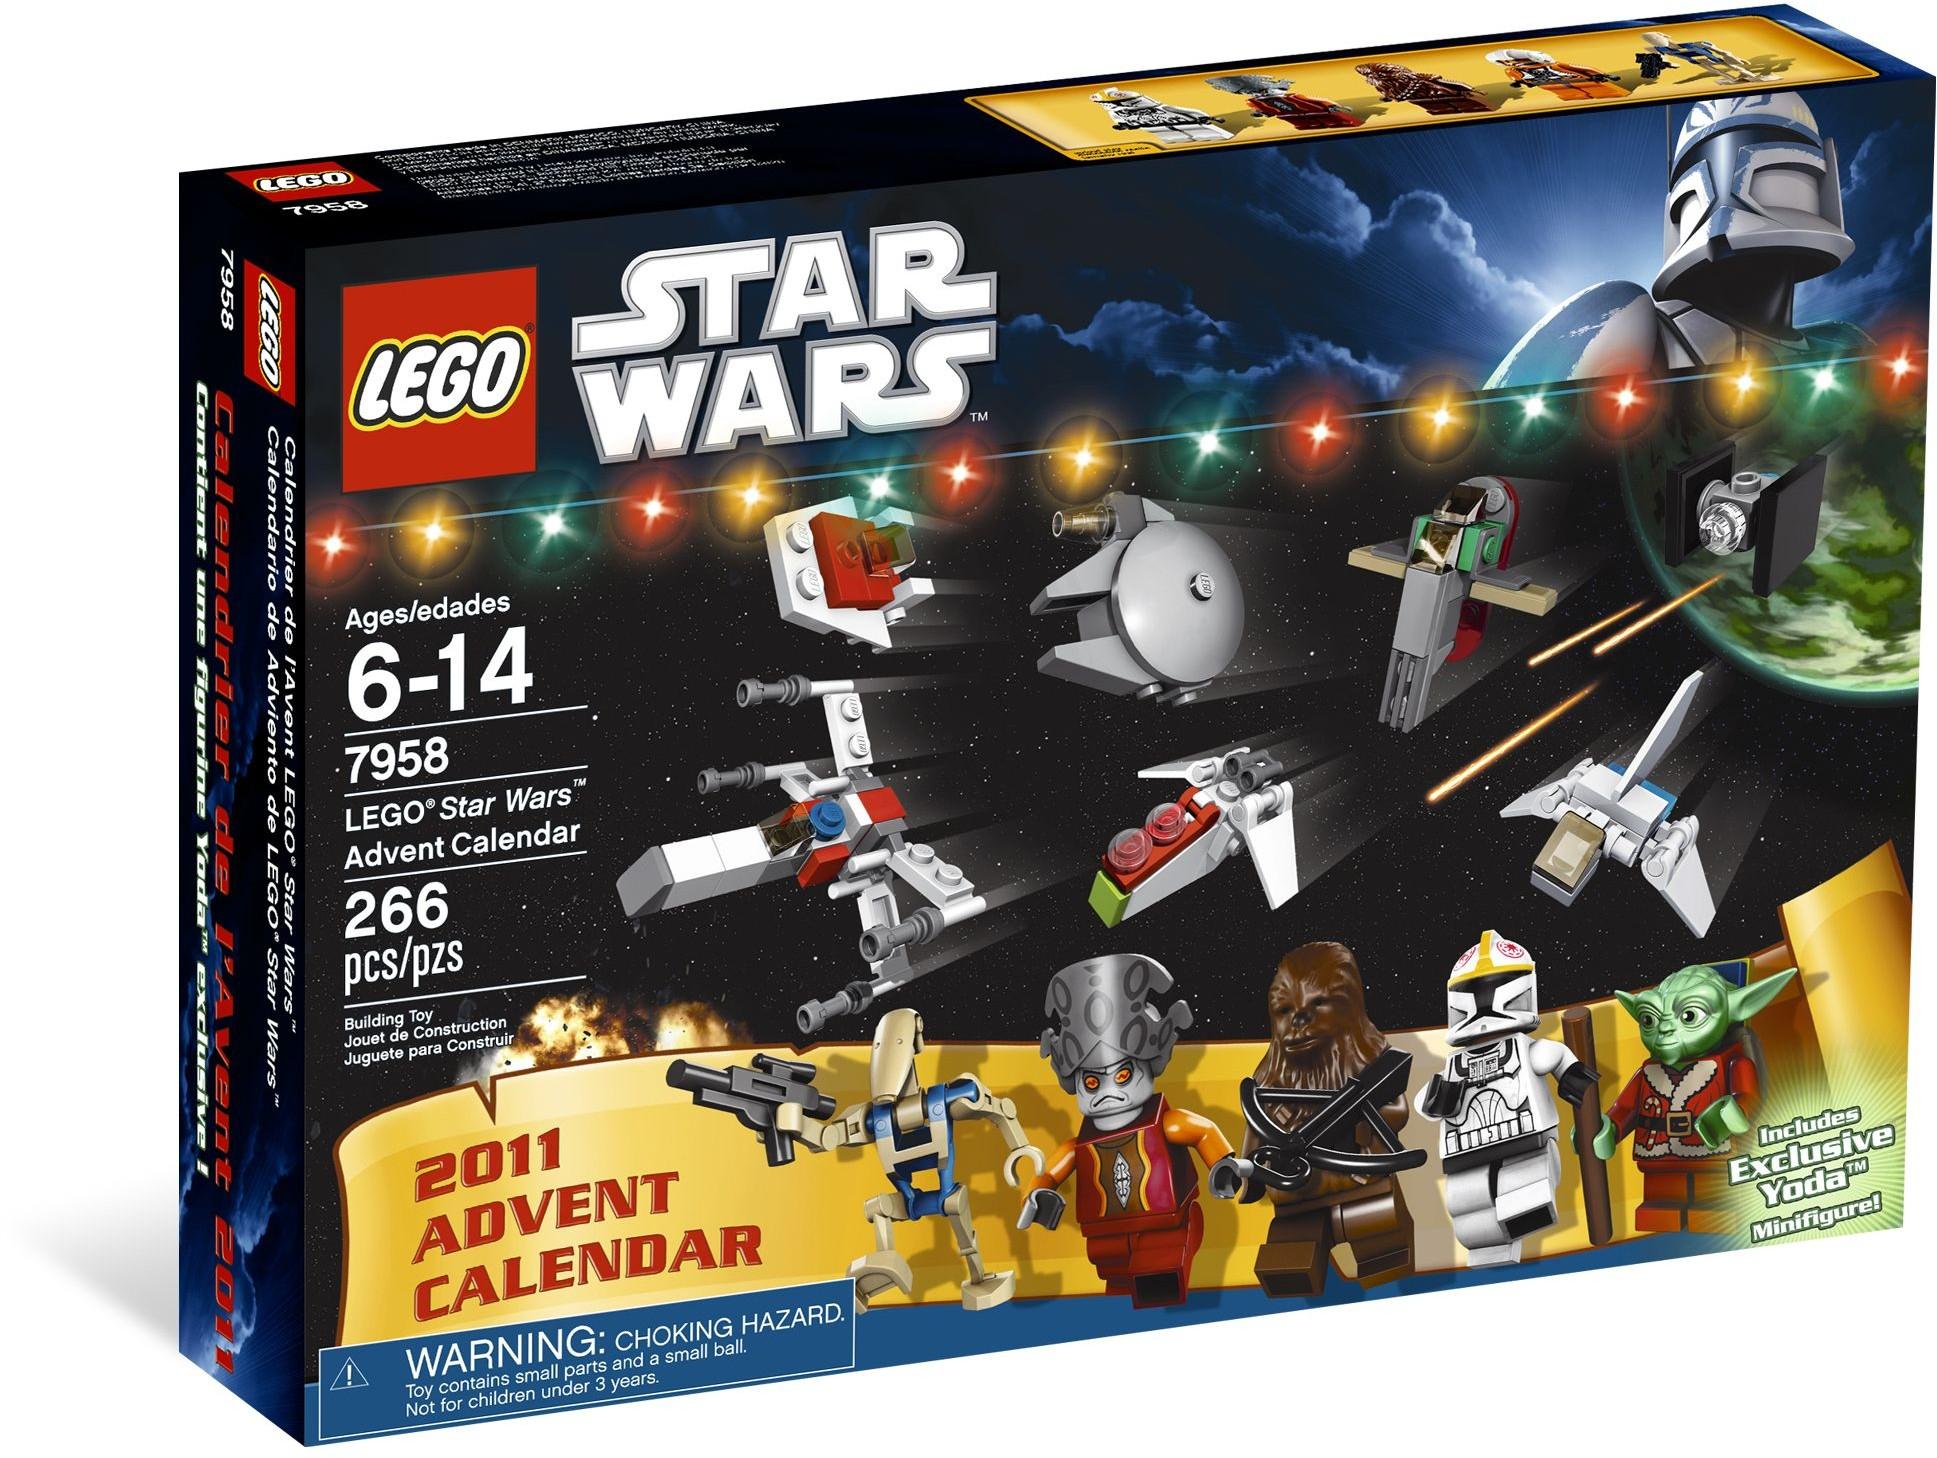 7958: Star Wars Advent Calendar 2011 | Lego Star Wars within Lego Star Wars Advent Calendar 2013